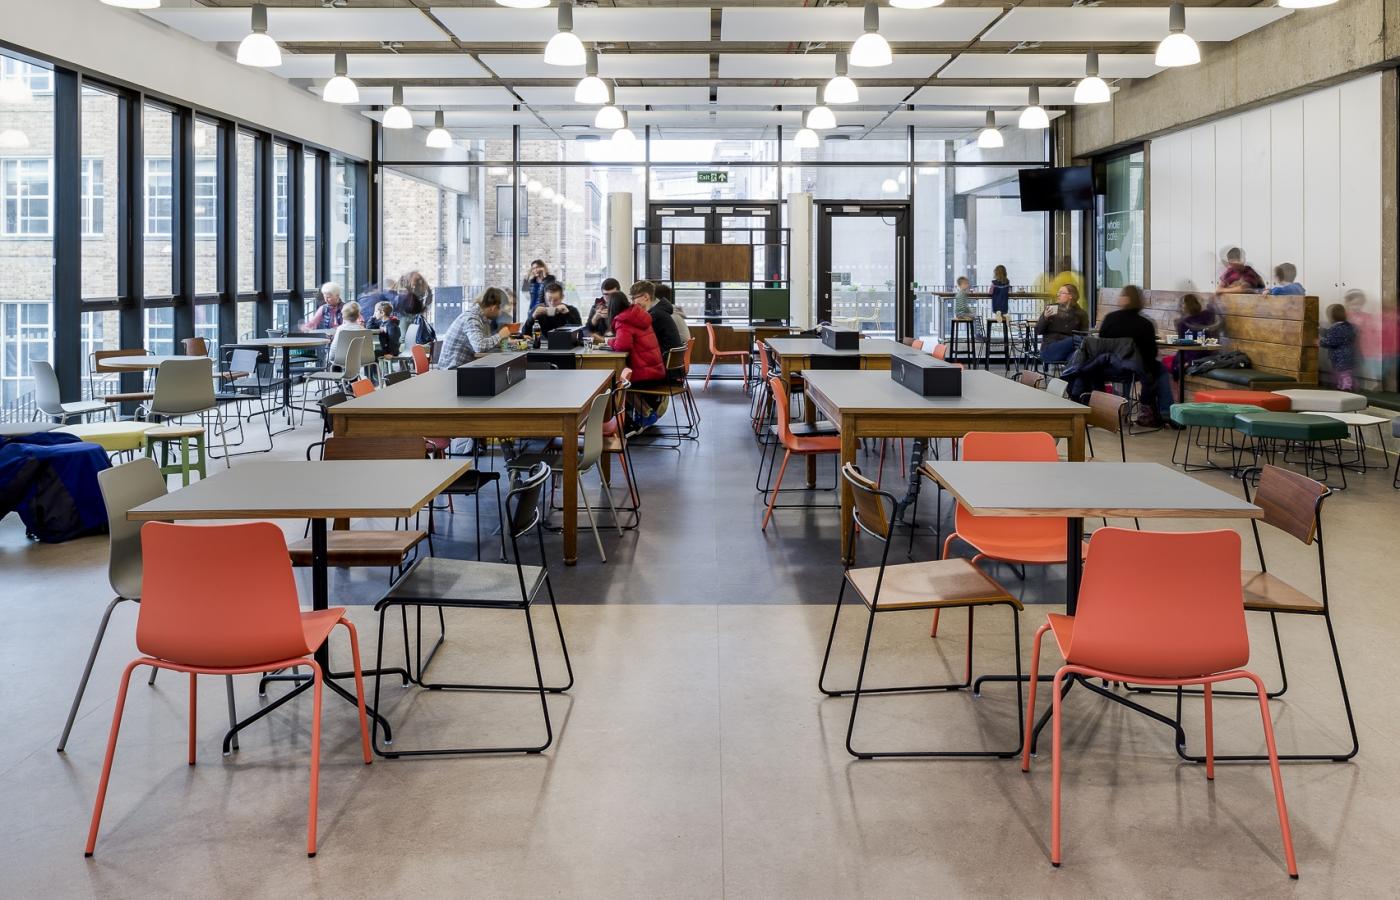 Transit Café